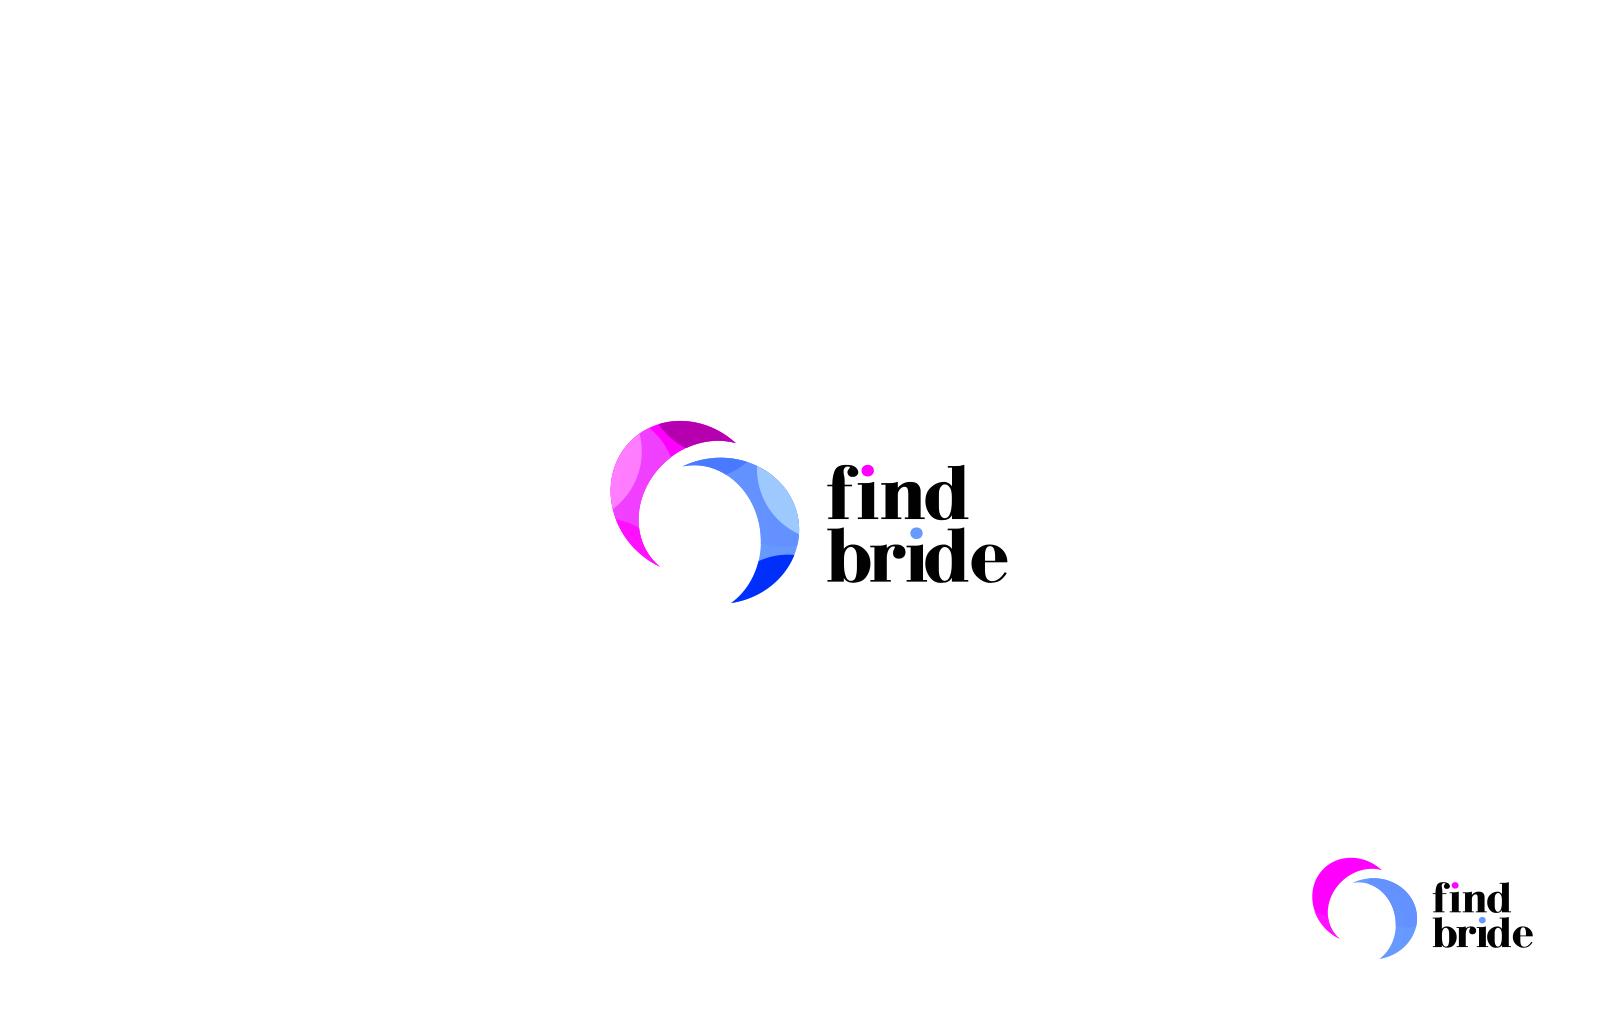 Нарисовать логотип сайта знакомств фото f_7855acdea36354b3.jpg